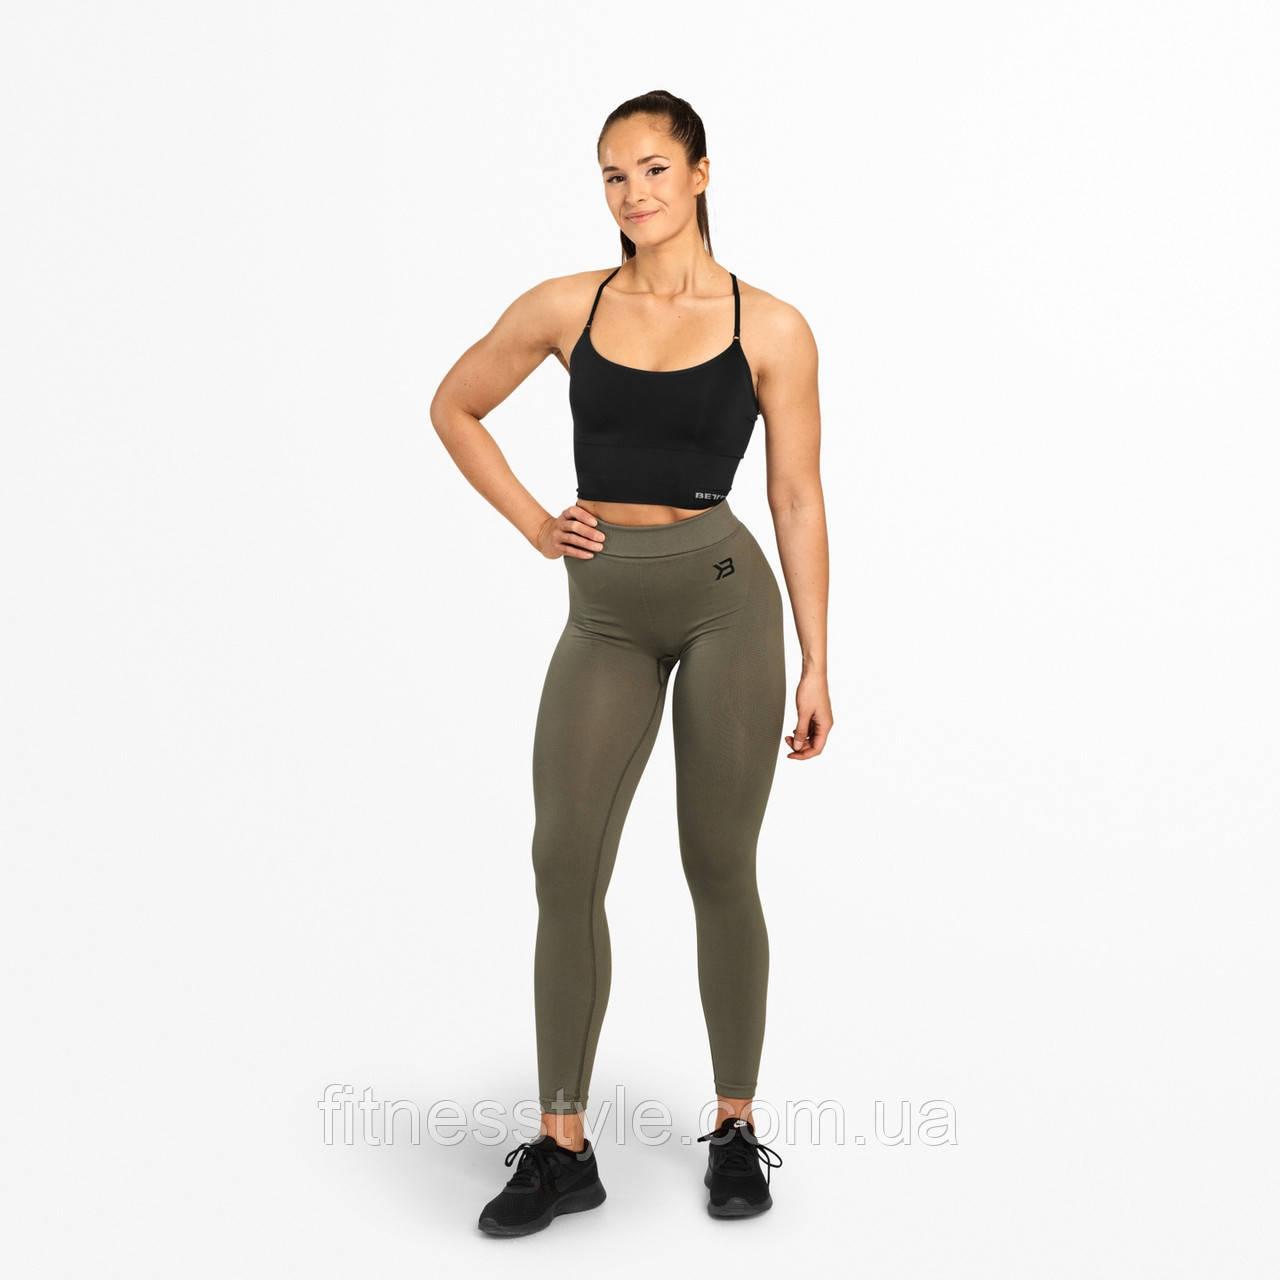 Спортивные лосины Better Bodies Rockaway tights, Wash Green